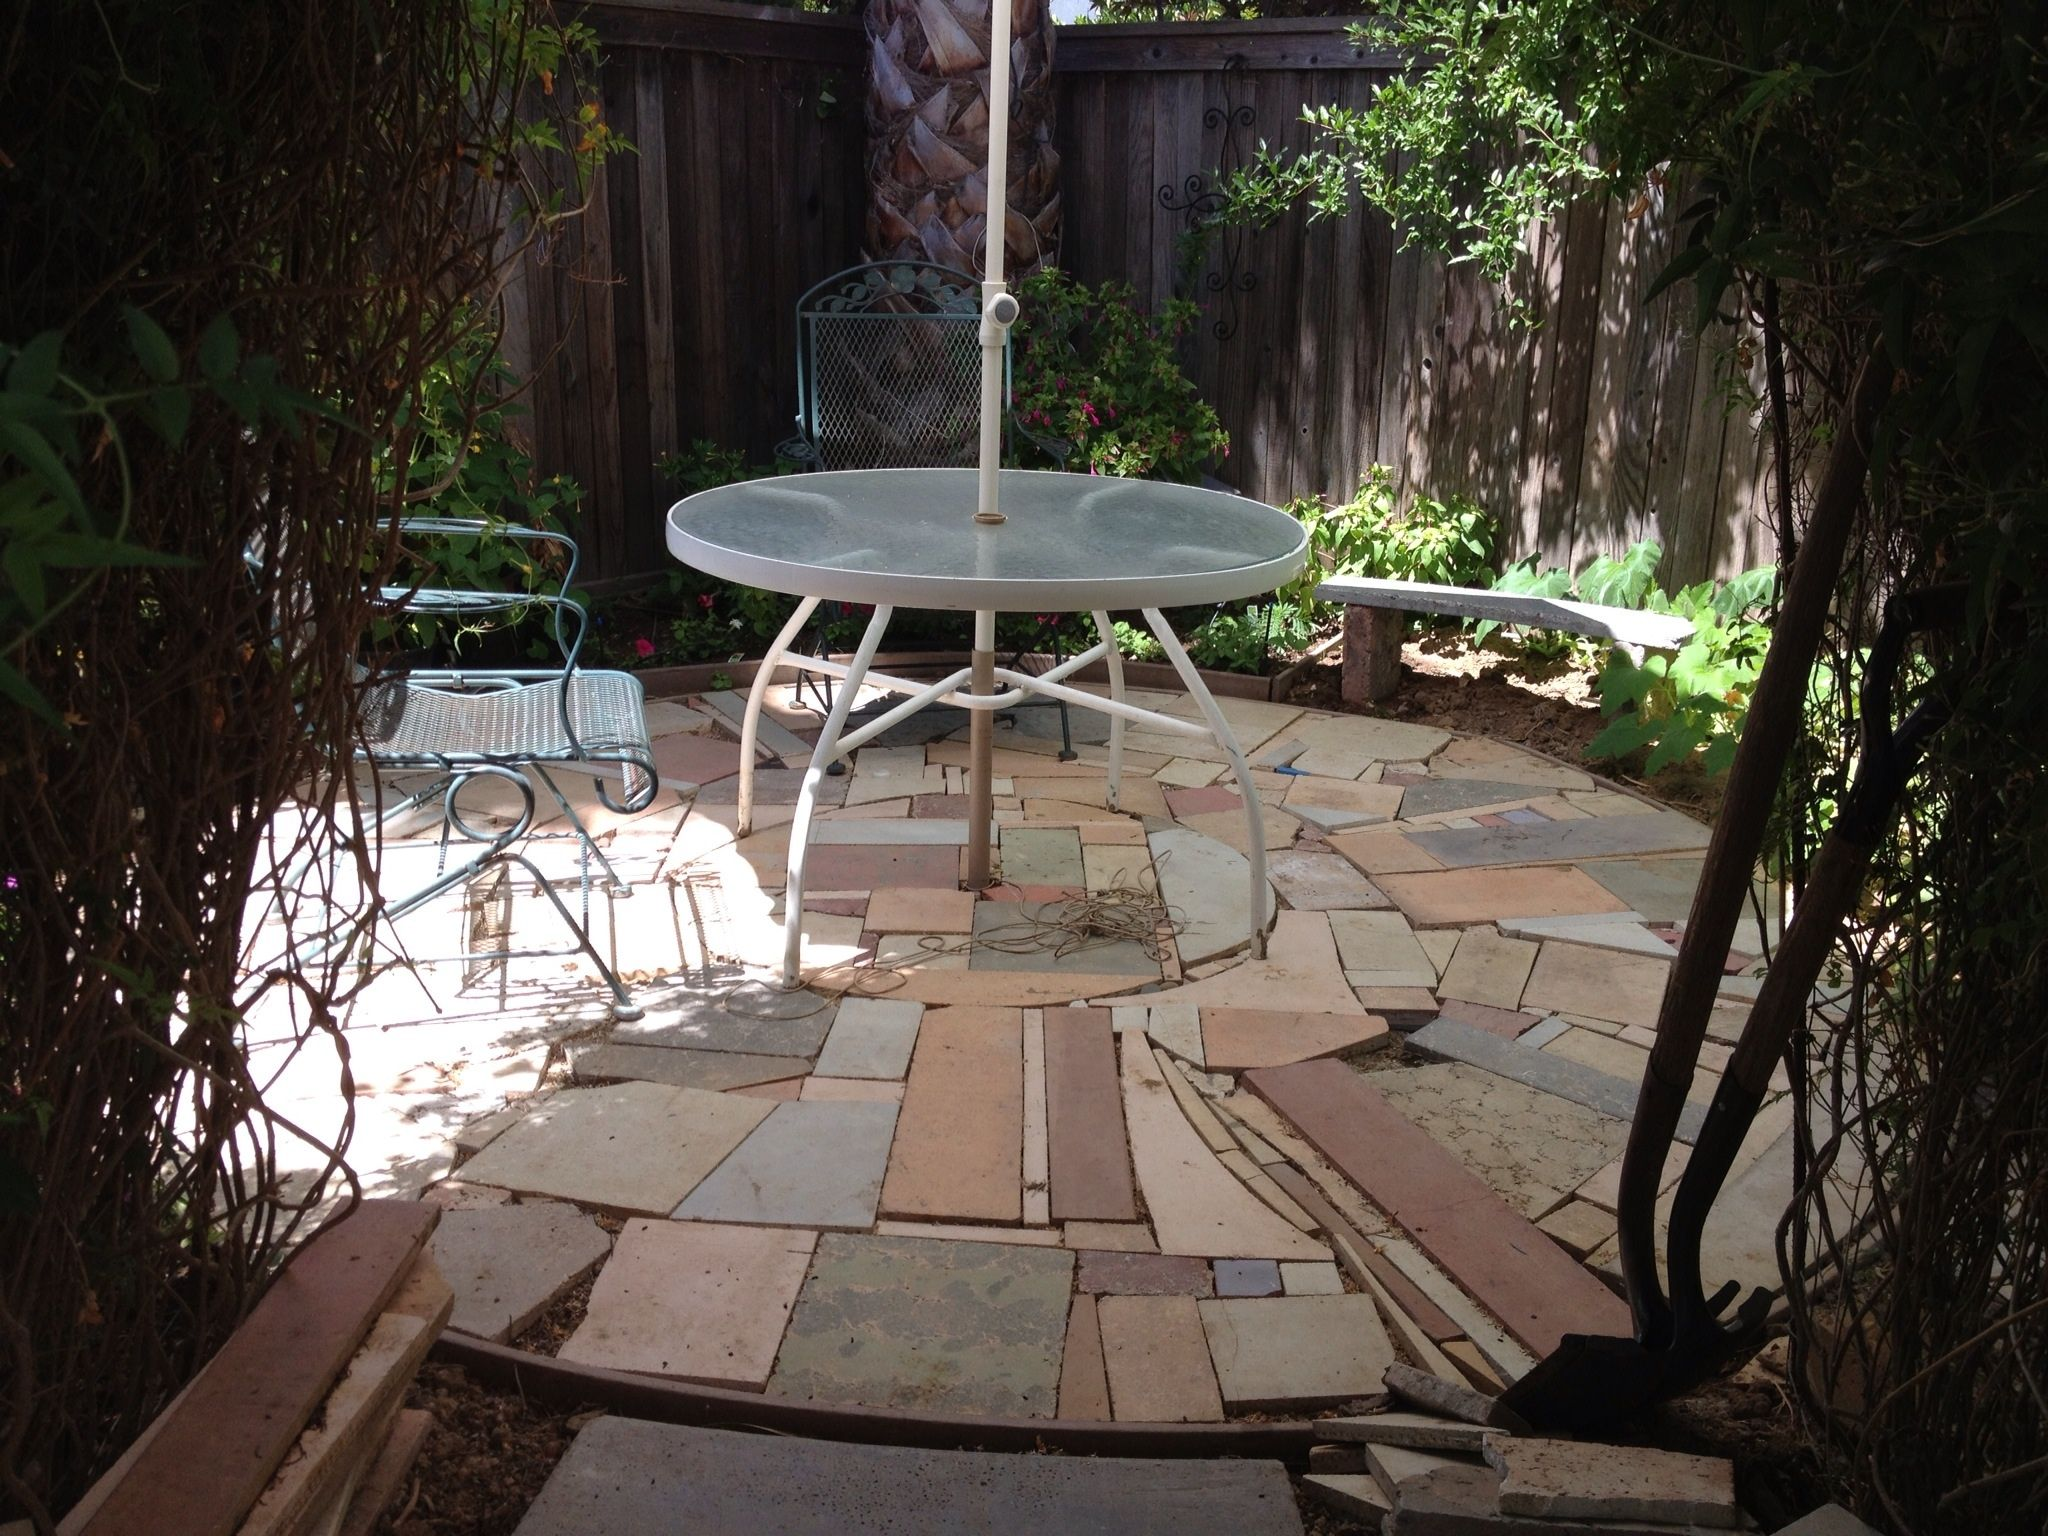 Permeable Patio Ideas Landscape Stone Walls Patios Pool Area Landscapes  Concrete Paver Driveways Permeable Paver Almost